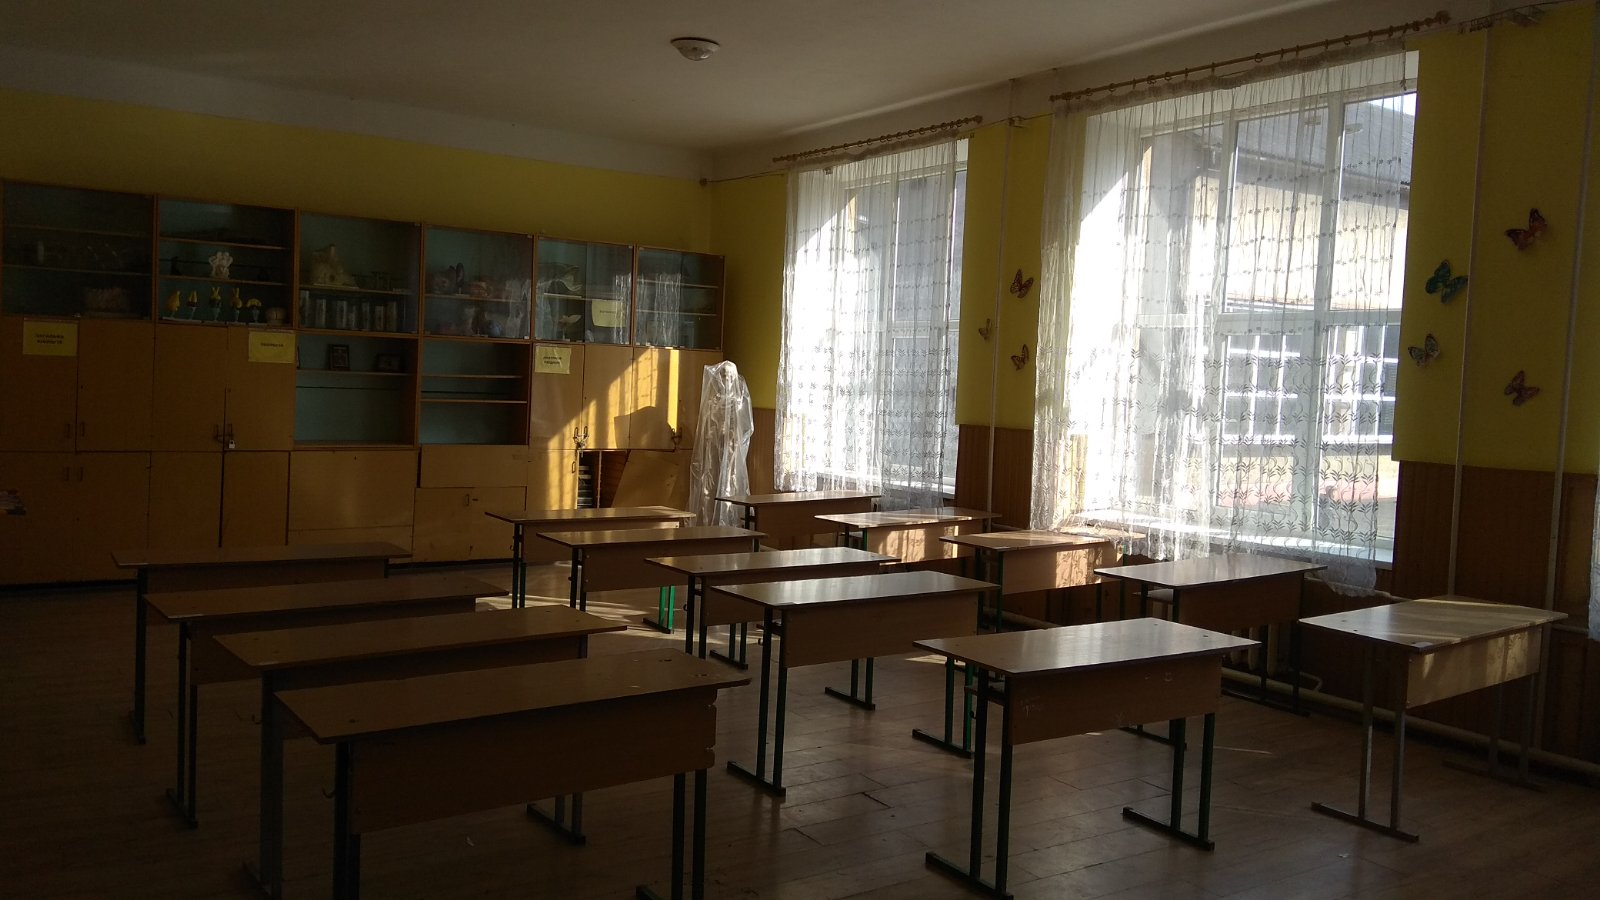 вбудоване приміщення (№49) на другому поверсі будівлі (А,АІІІ), загальною площею 55,7 кв. м, що розташована за адресою: Закарпатська область, м.Перечин, вул.Ужанська, 9